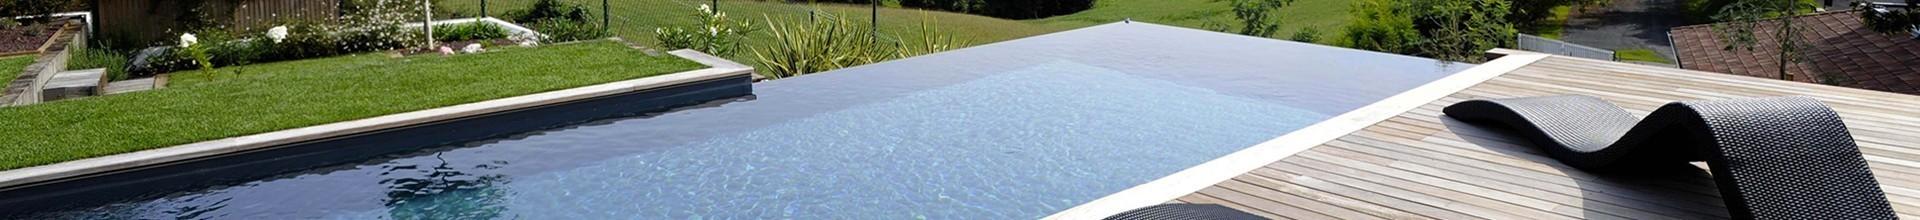 Piscine Auvergne, piscine sportive avec un équipement sophistiqué